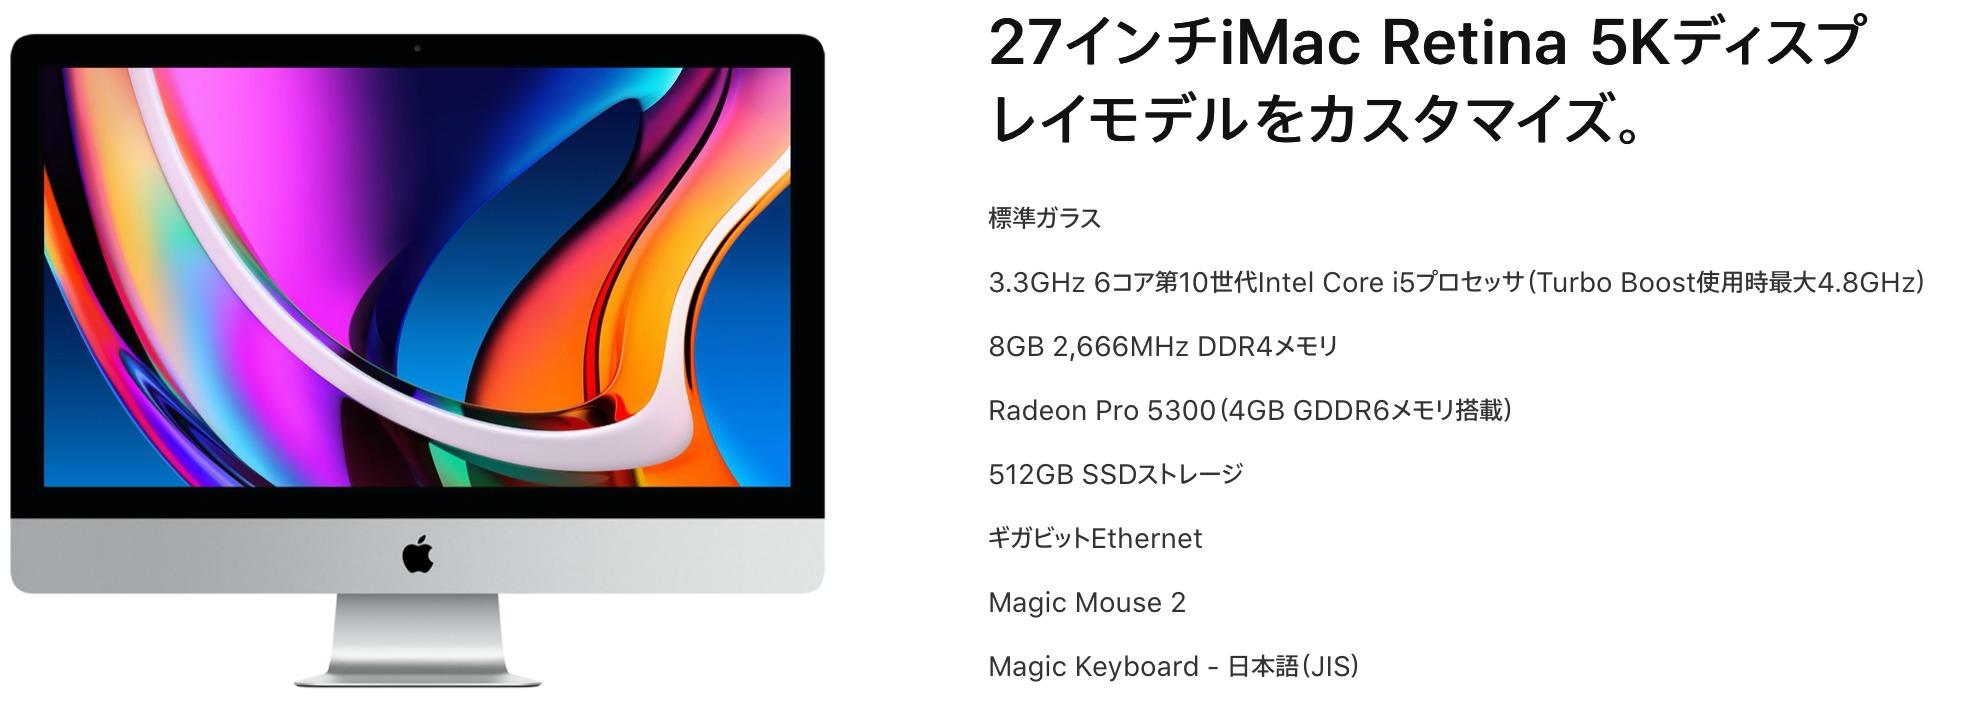 27インチ iMac 2020